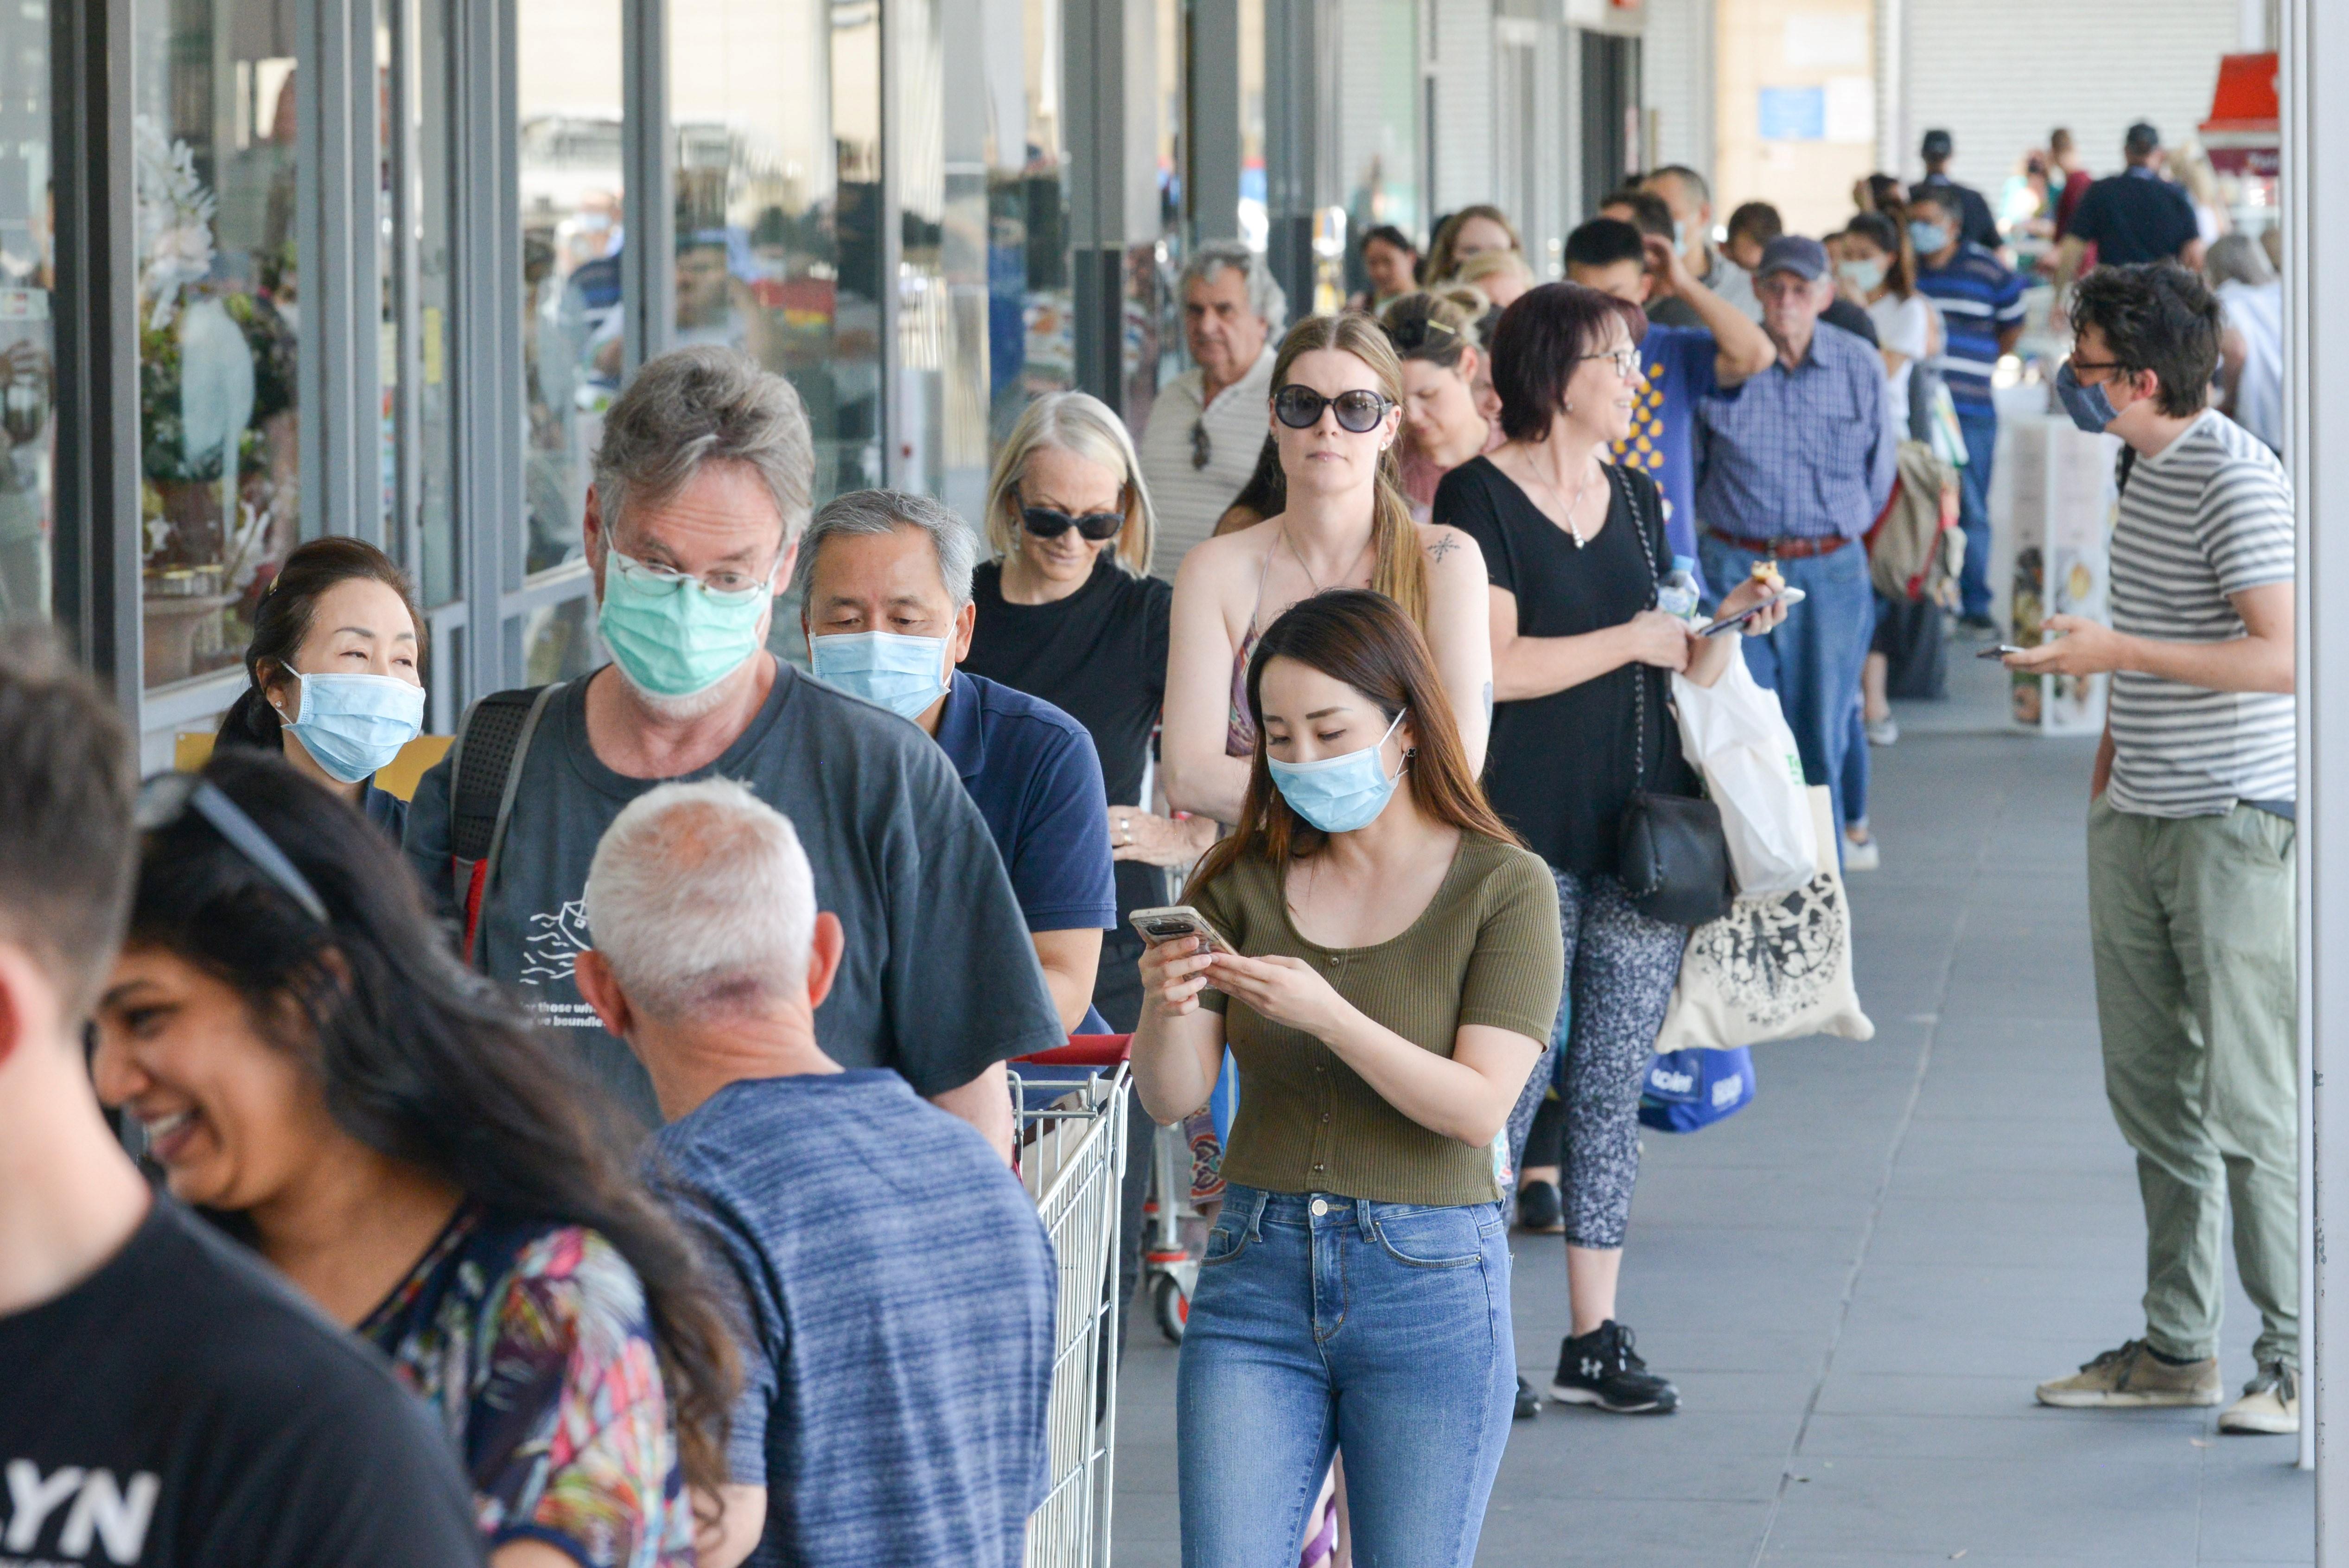 36 fertőzött miatt olyan szigorú intézkedéseket vezettek be egy ausztrál államban, ami még Európa legfertőzöttebb országaiban is alig van